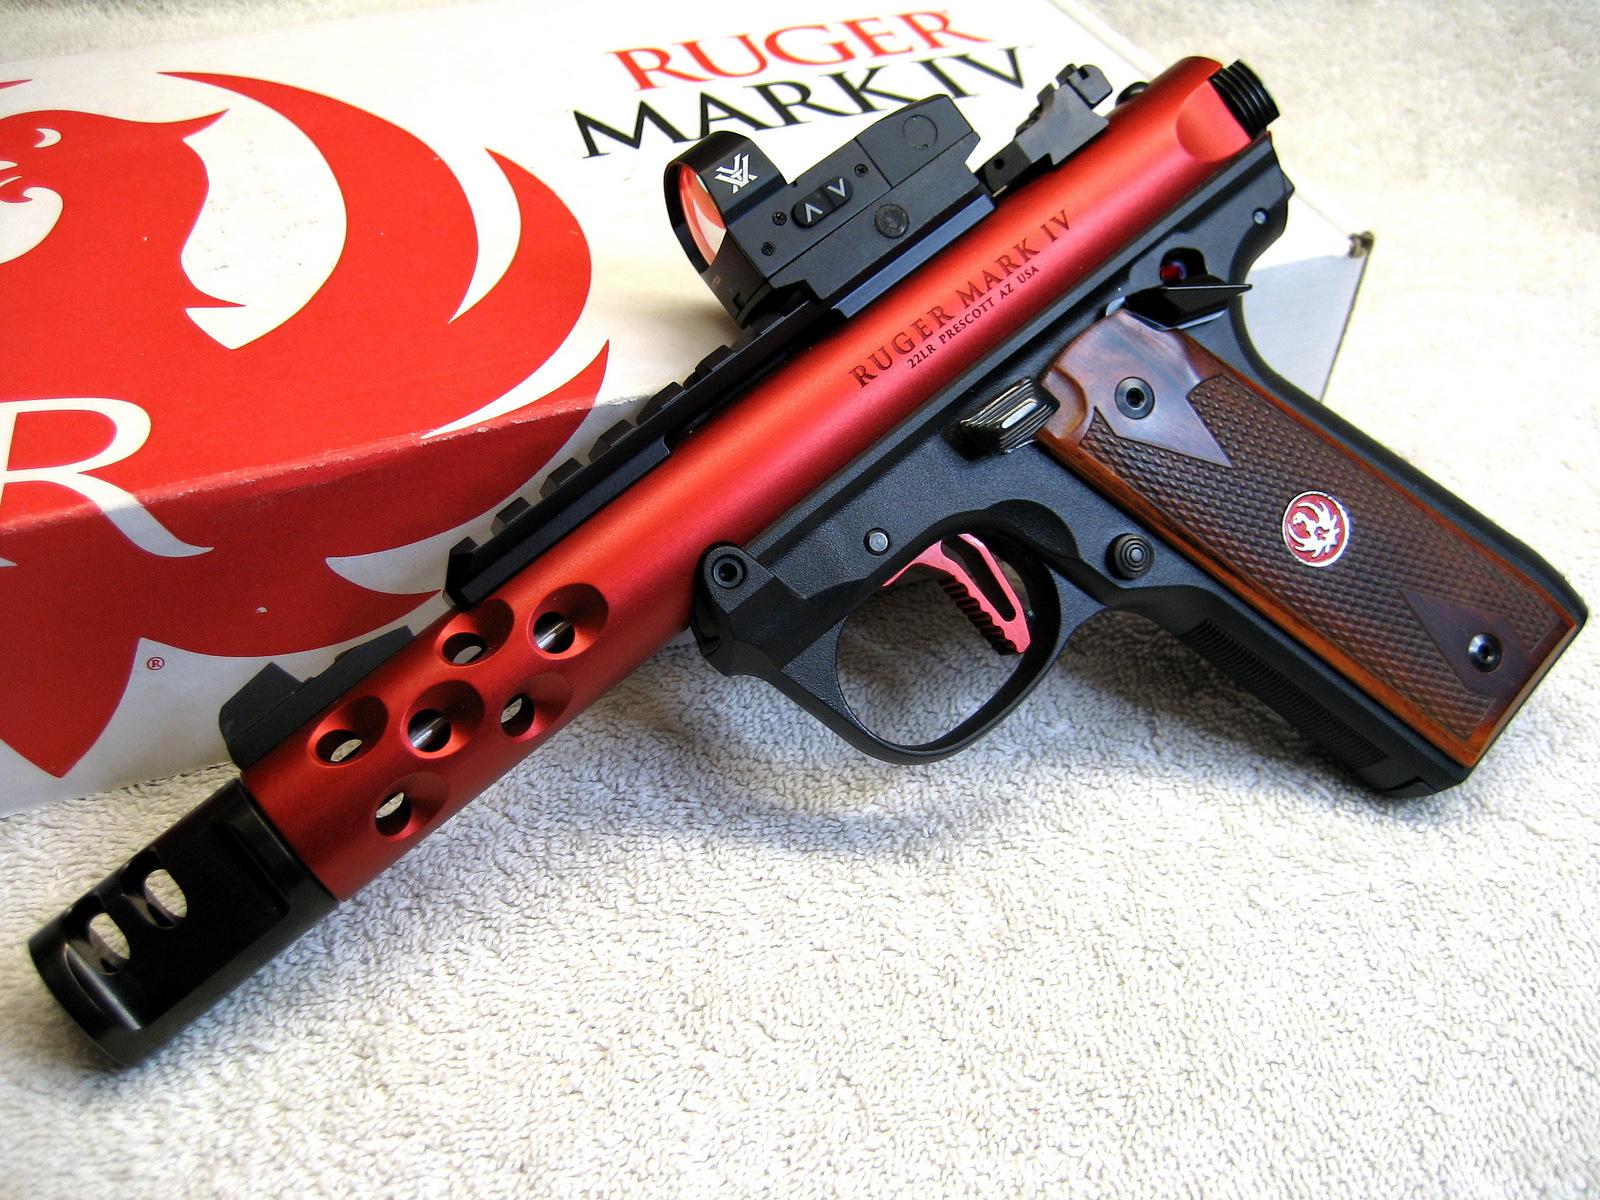 Upgratis end in sight!?!-ruger-mkiv-22-45-lite-tk-trigger-safety-comp-ruger-grips-vortex-rdr-scope-1.jpg